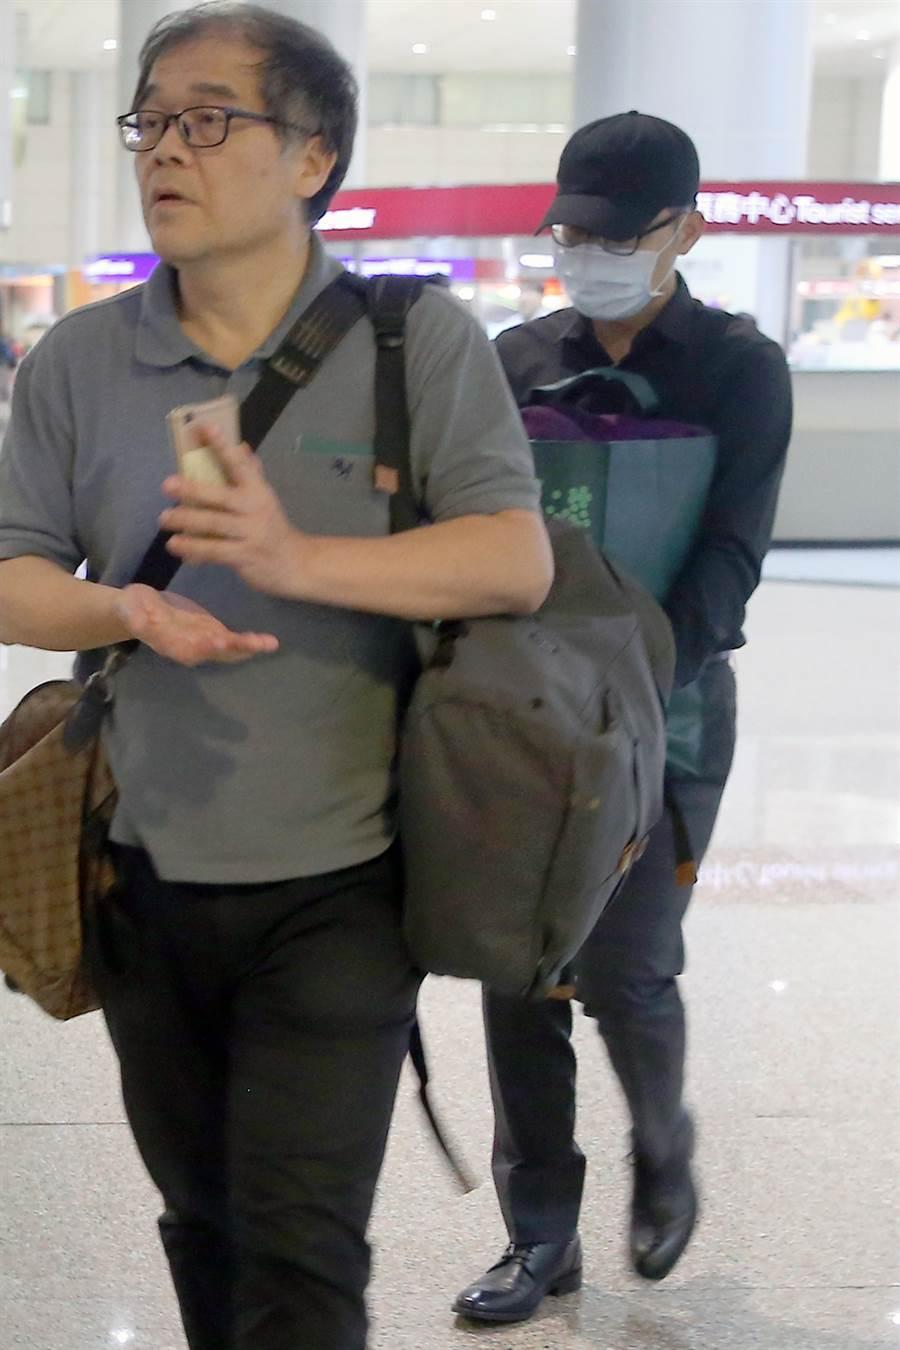 蘇啟誠的親友、兒子17日晚間搭乘華航CI173班機自大阪返台,蘇啟誠的兒子帶著帽子、口罩、著深色衣物,低調抱著骨灰罈前往車道搭車,全程不發一語,在與外頭等候的家屬會合後,隨即上車離去。(陳麒全攝)